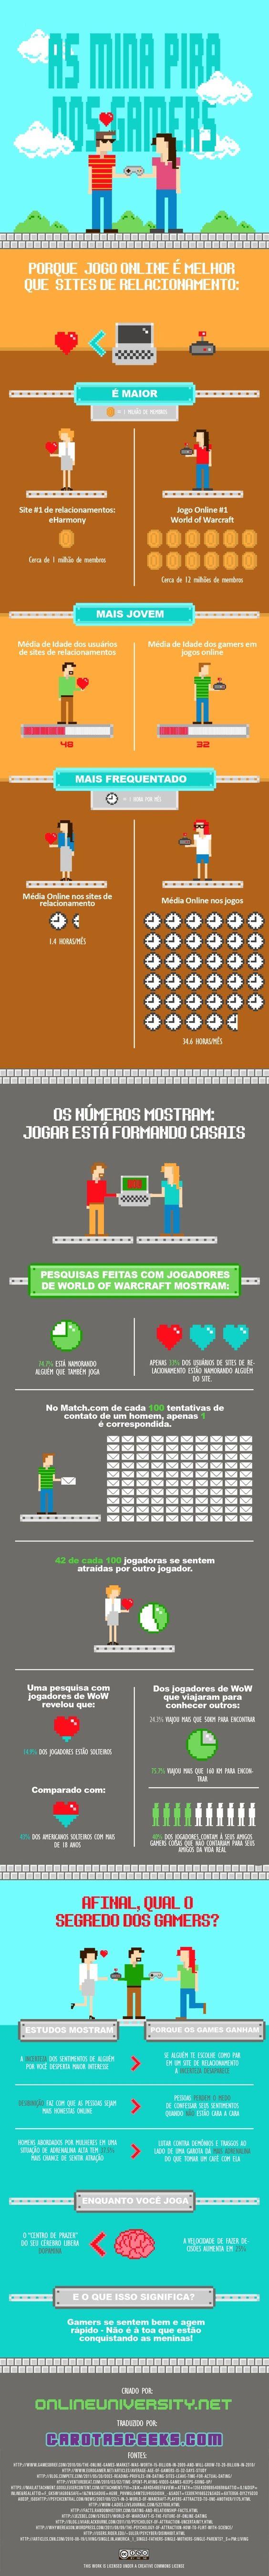 Por que os jogos são melhores do que os sites fé relacionamento.